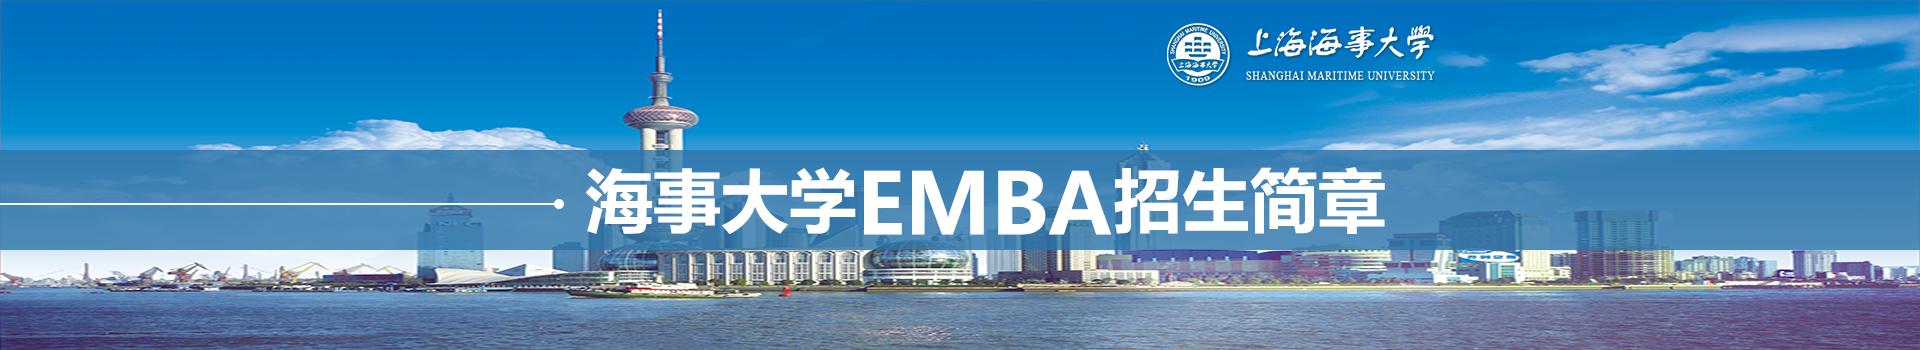 上海海事大学经济管理学院高级工商管理硕士EMBA招生简章